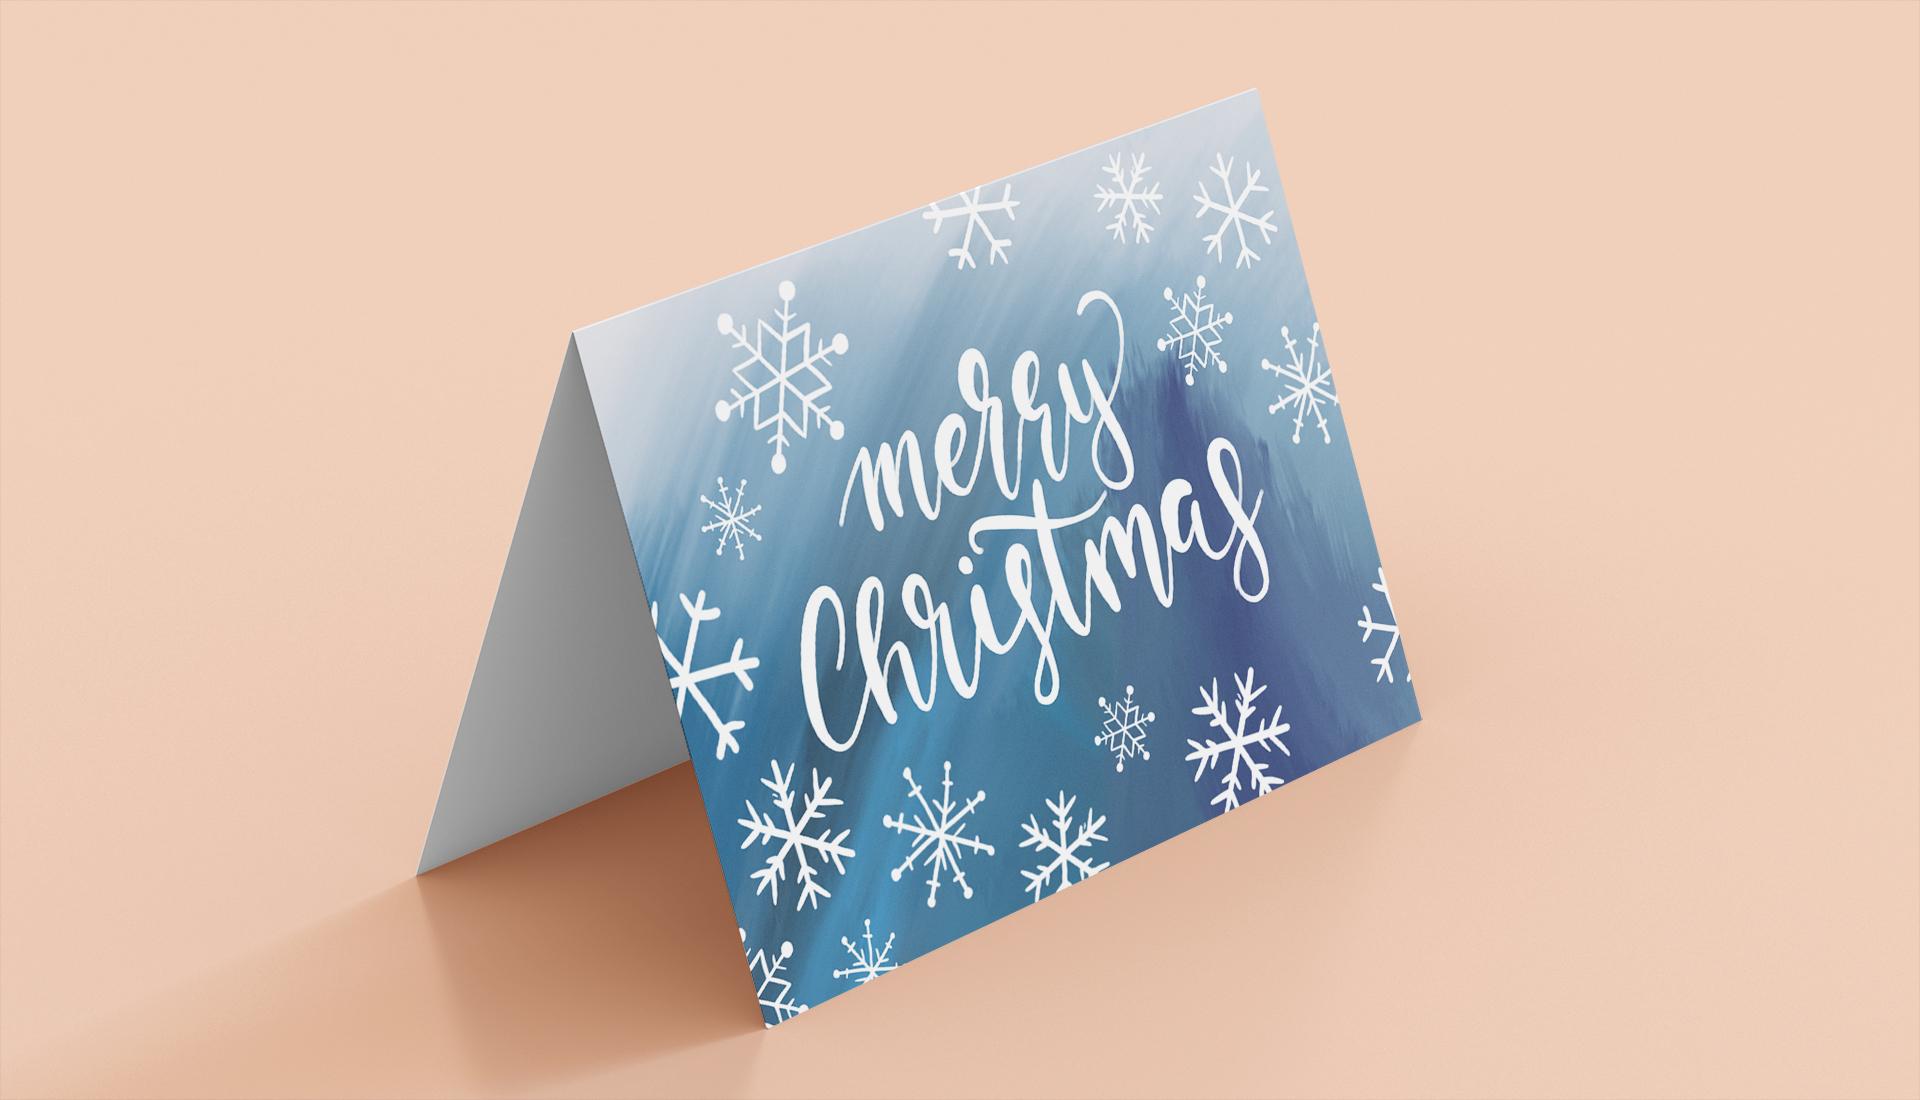 Christmas_Card_merrychristmas2019_01